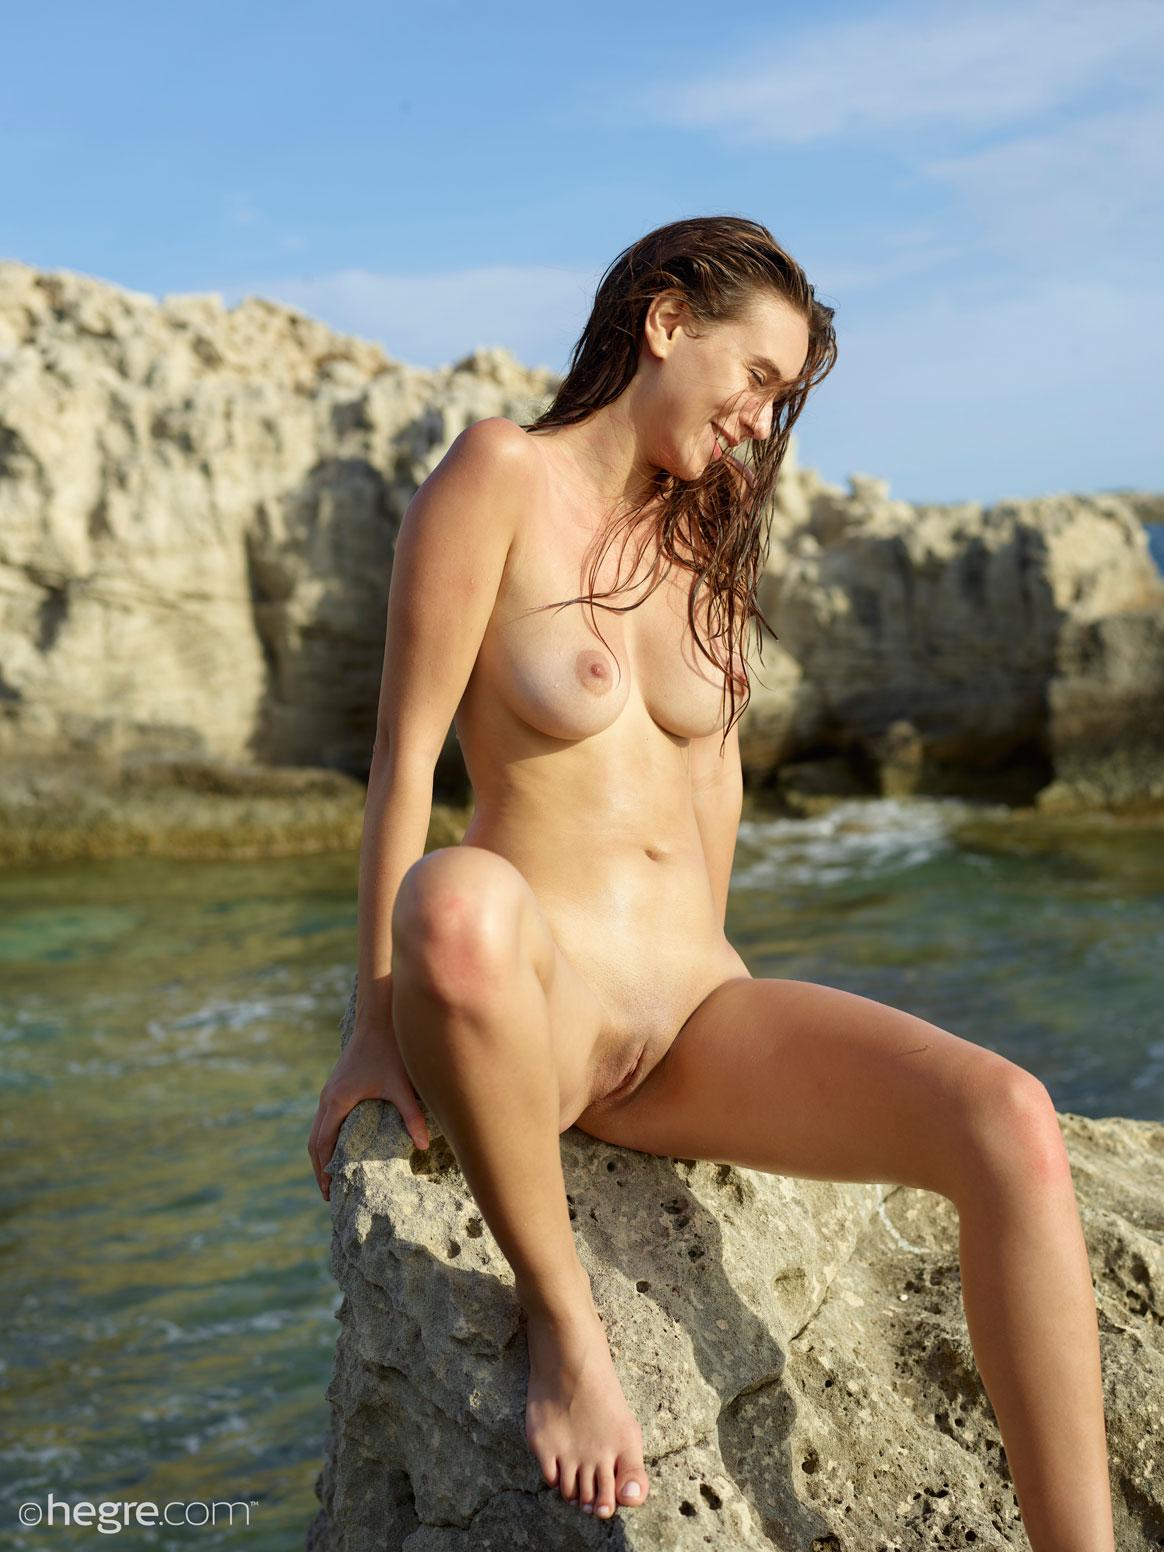 Opinion ibiza nude girls speaking, opinion